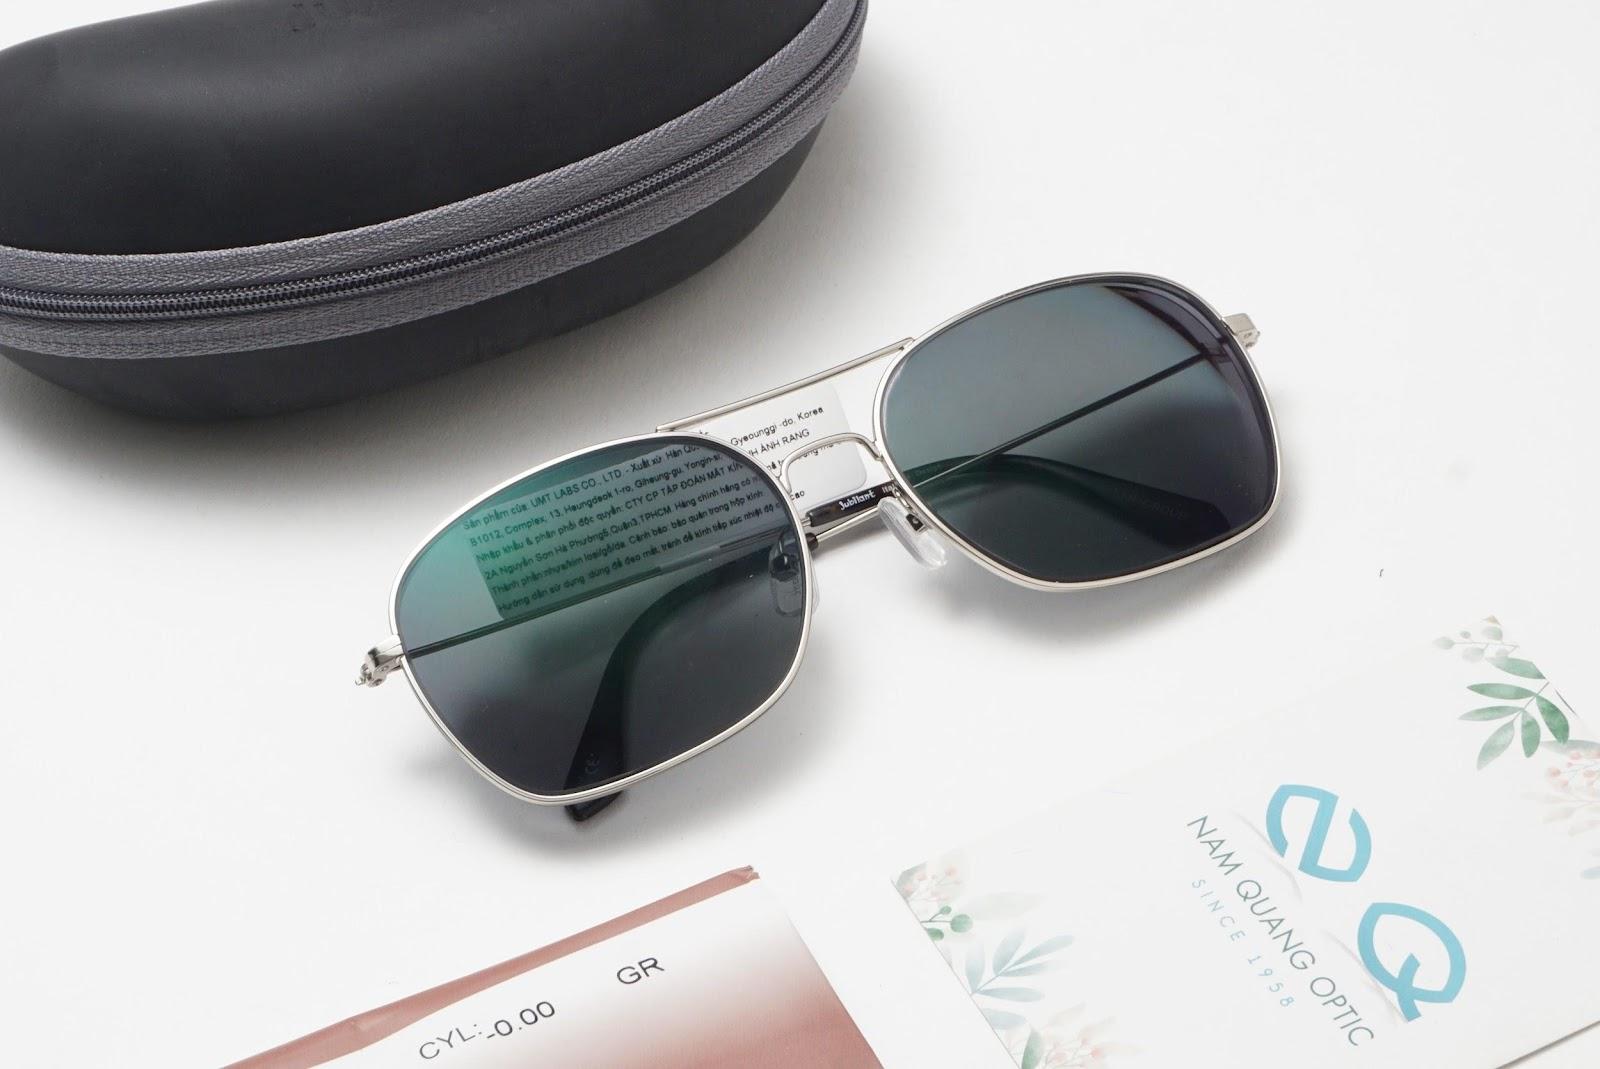 Tìm hiểu về địa chỉ mua kính mát có độ chất lượng tại TpHCM - 270319